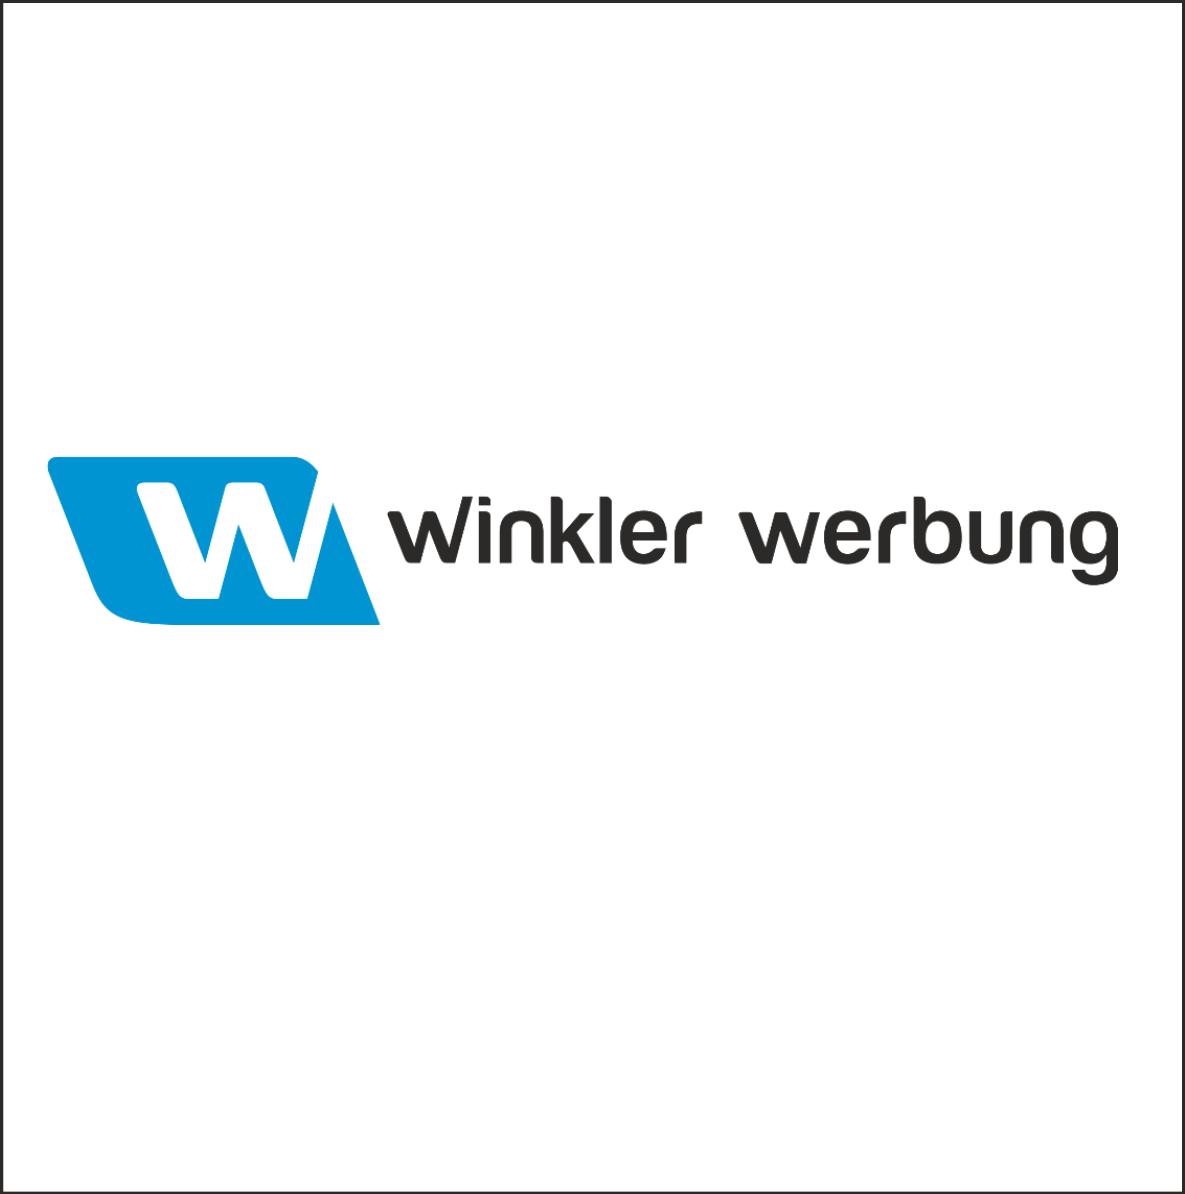 Winklerwerbung